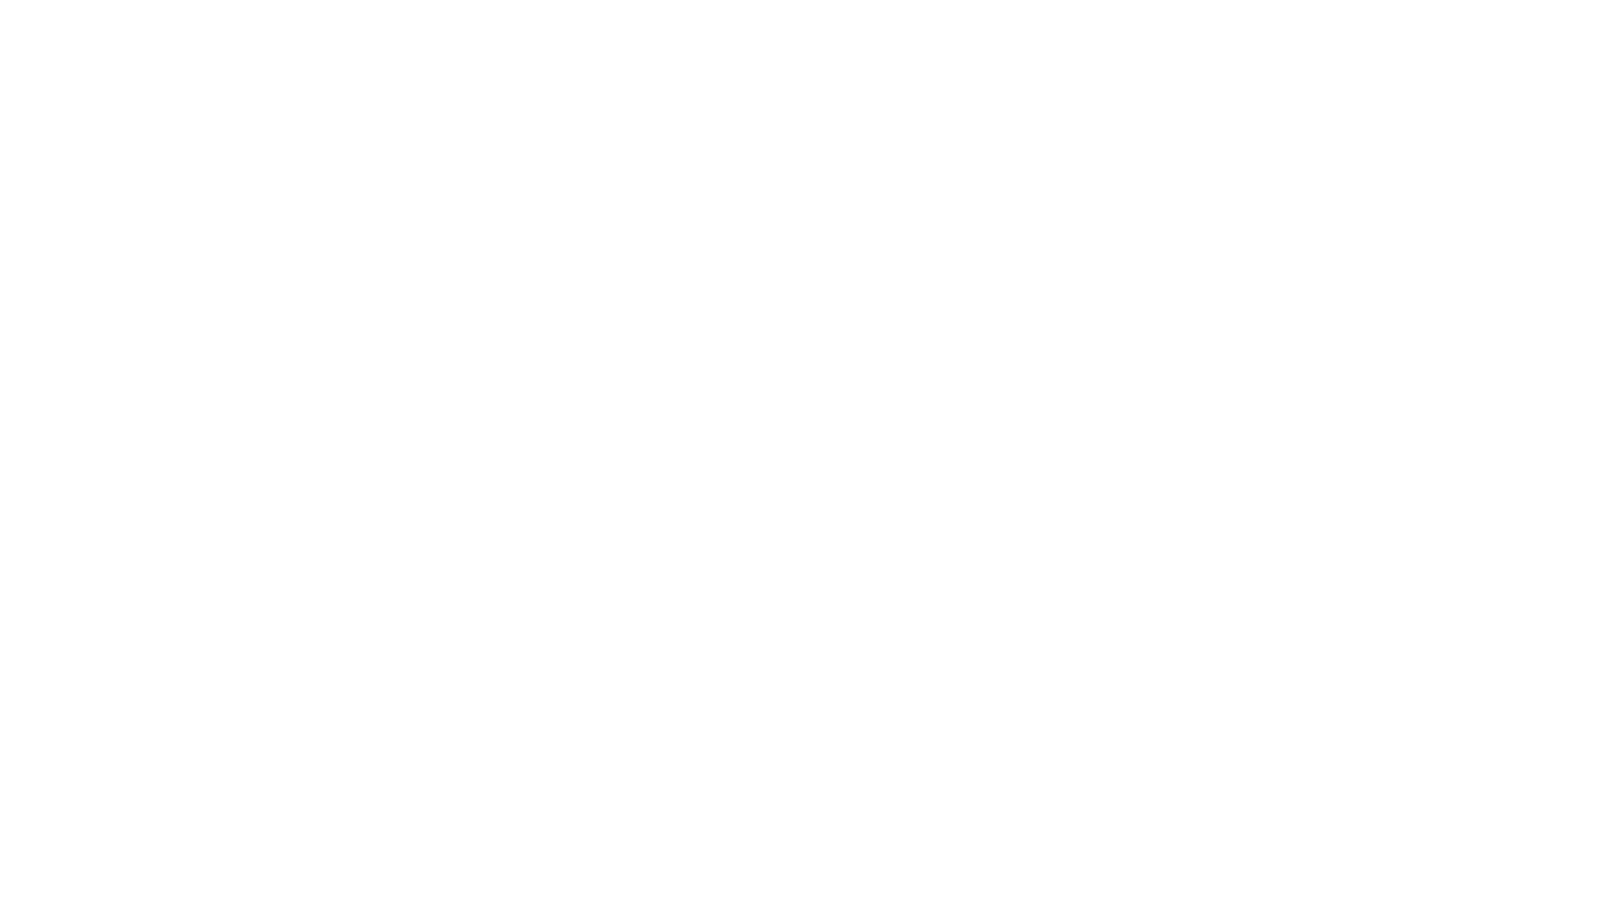 H-100 aşısı (gençlik aşısı) nedir ve nasıl uygulanır? Prof. Dr. Şükrü Yazar'ın hazırladığı videoyu izleyerek H-100 Aşısı ile ilgili merak edilenleri keşfedebilir, önemli tüm bilgileri detayları ise ► https://www.sukruyazar.com.tr/h100-asisi linkini ziyaret ederek öğrenebilirsiniz. Nişantaşı Şükrü Yazar Kliniği İletişim: ▬▬▬▬▬▬▬▬▬▬▬▬▬▬▬▬ ✦ Harbiye Mahallesi Valikonağı Caddesi Marmara Apt. No:16 Kat:1 D:2 Nişantaşı/İstanbul ☏ +90 212 257 1515 Pbx. ✆ +90 541 334 3484 📧 info@sukruyazar.com.tr #ŞükrüYazar #H100Aşısı #GençlikAşısı